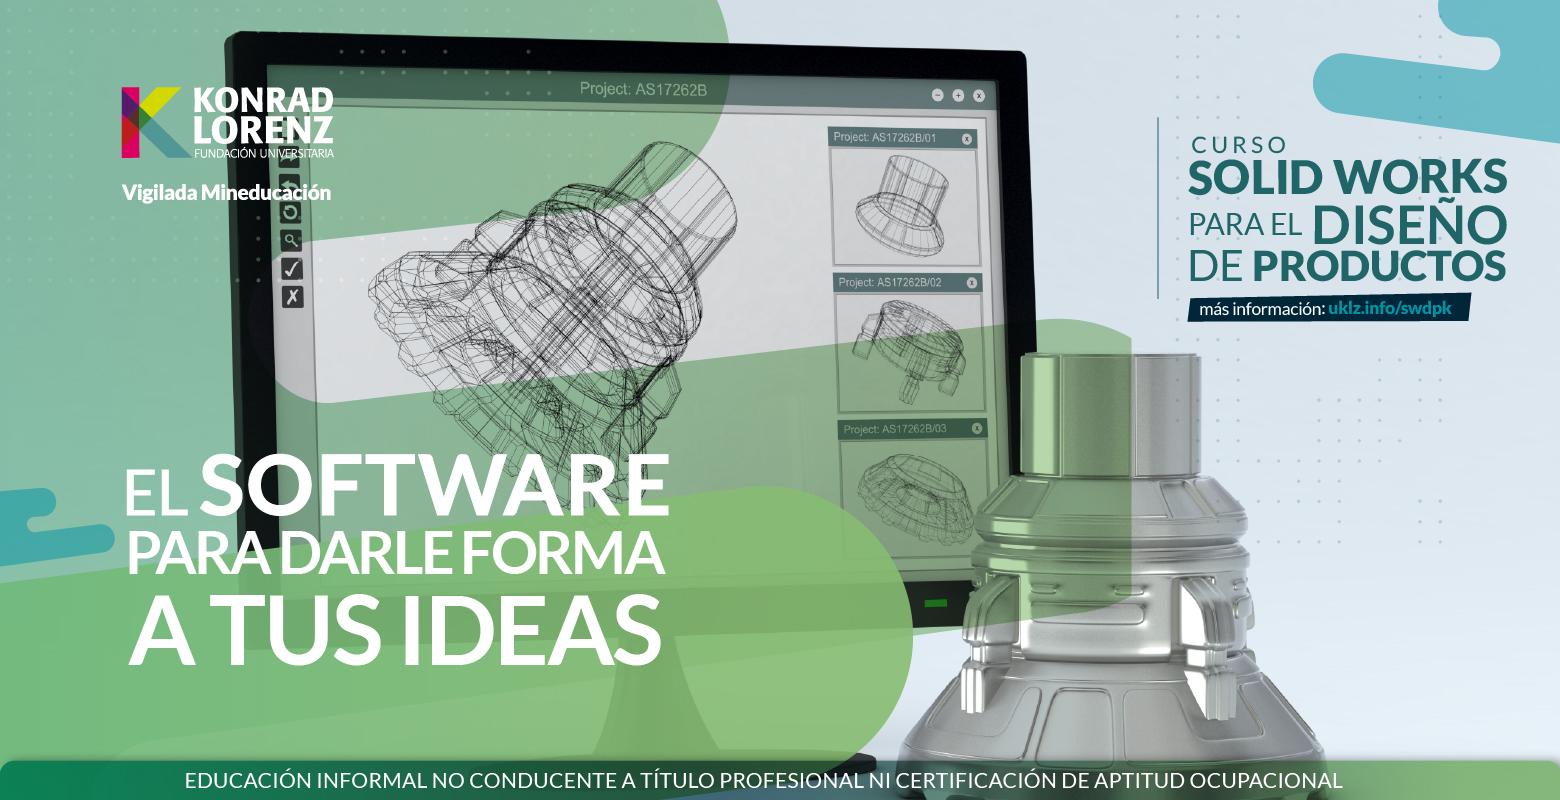 Curso: Solid Works para el Diseño de Productos